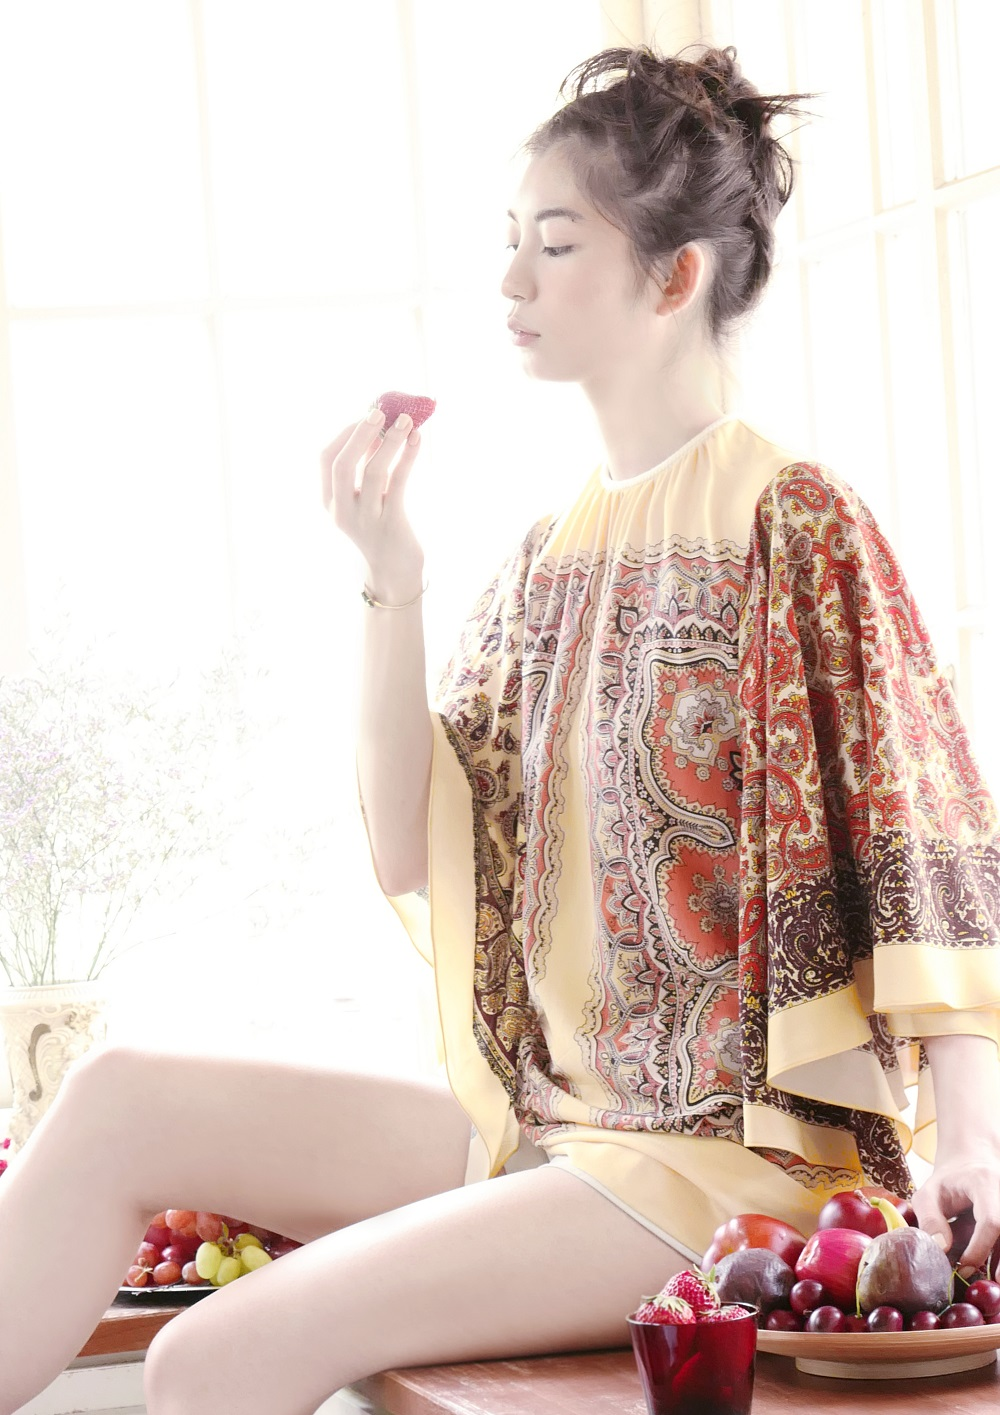 ミオ/初デジタル写真集『ミオ BIRTH』(撮影・安珠)